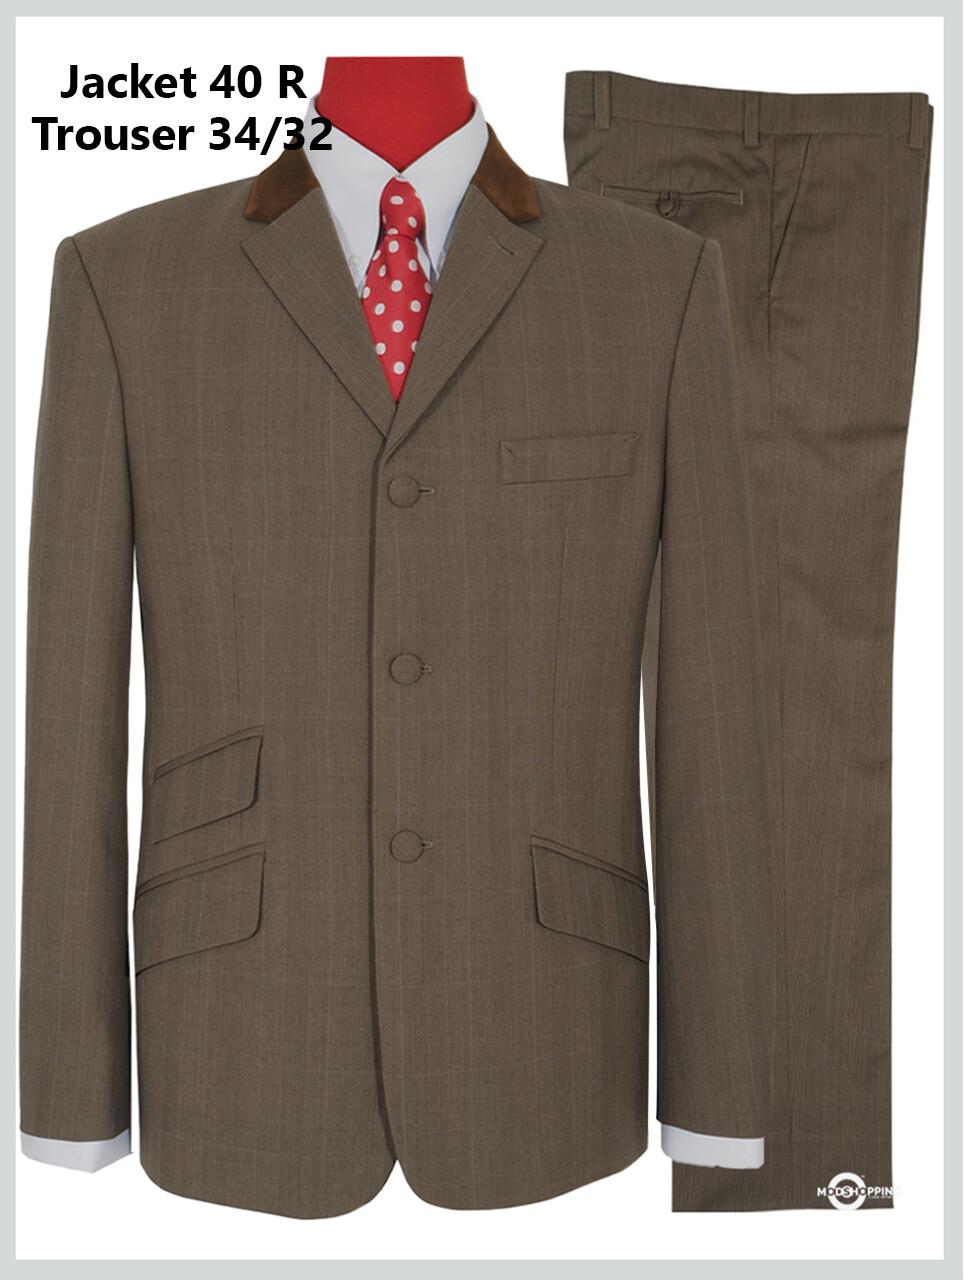 Brown Pow Check  Suit Jacket 40R & 34/32 Trouser